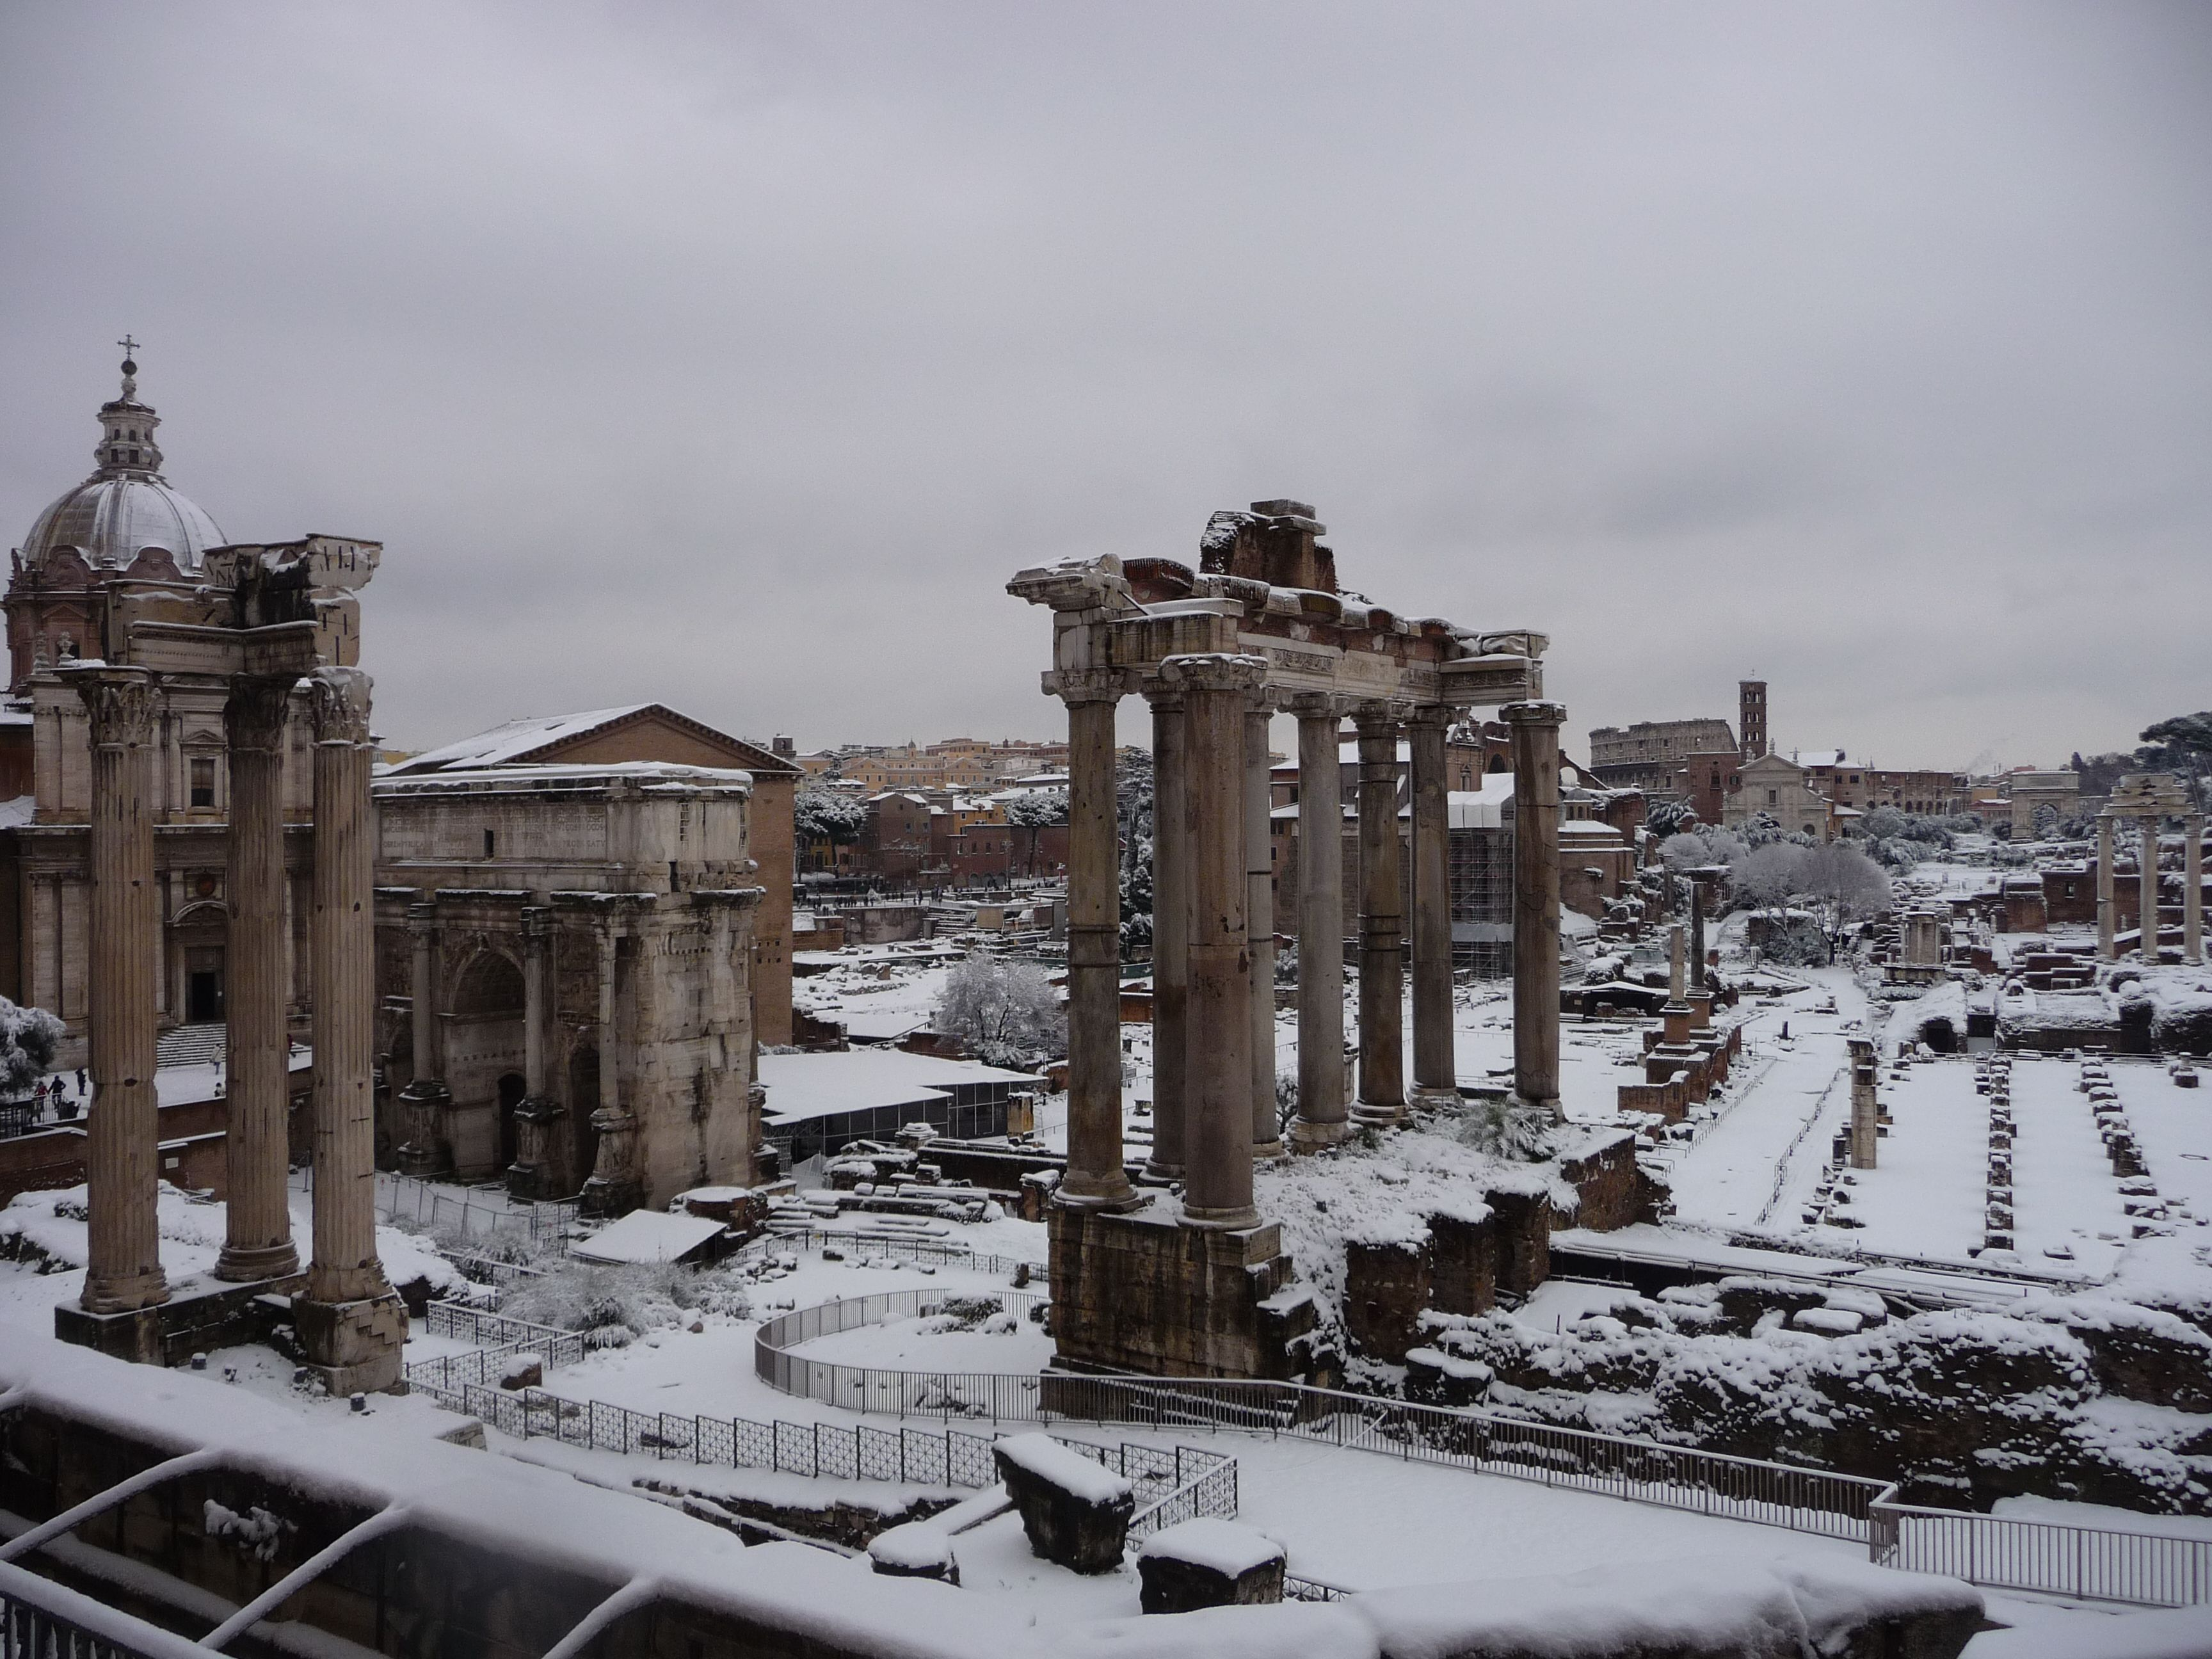 Snow in Rome, Winter 2012